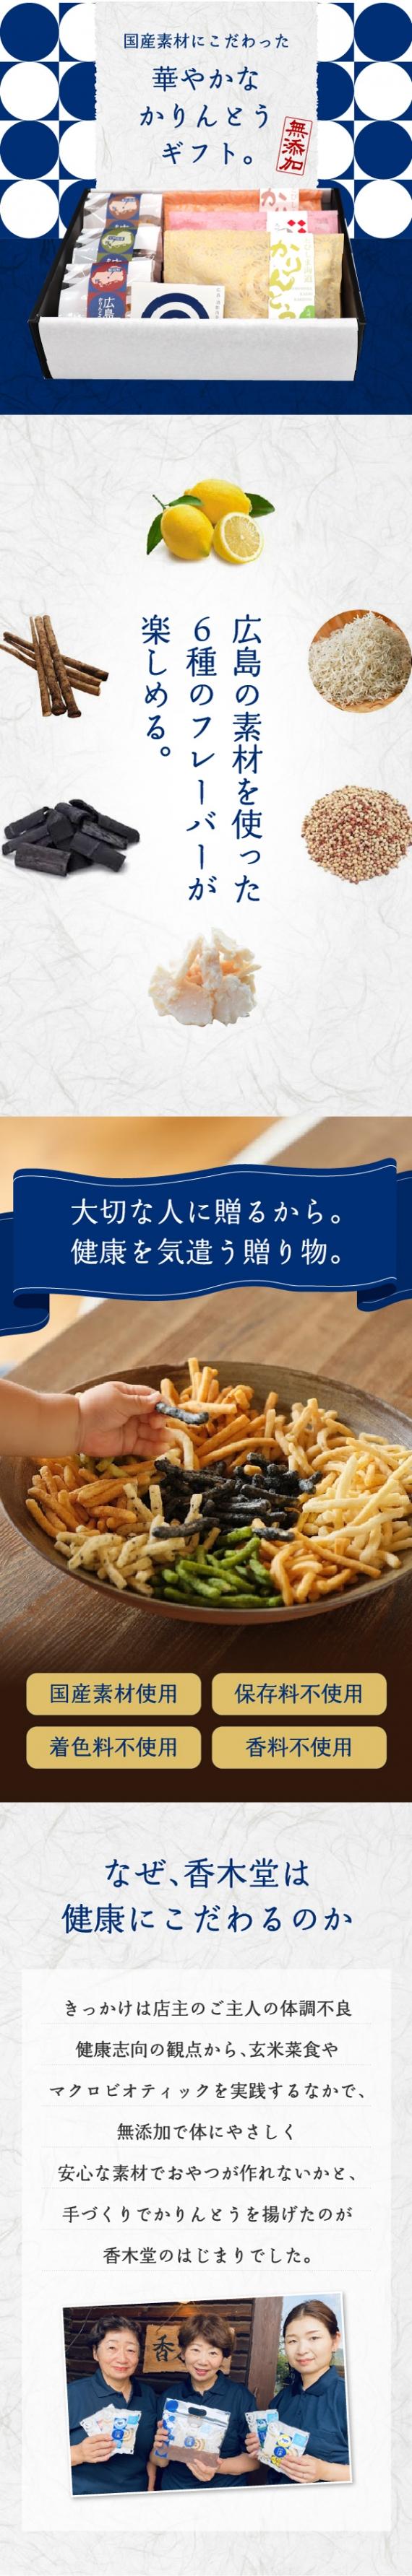 広島のかりんとう屋さん【香木堂】 瀬戸の恵みかりんとう6種入